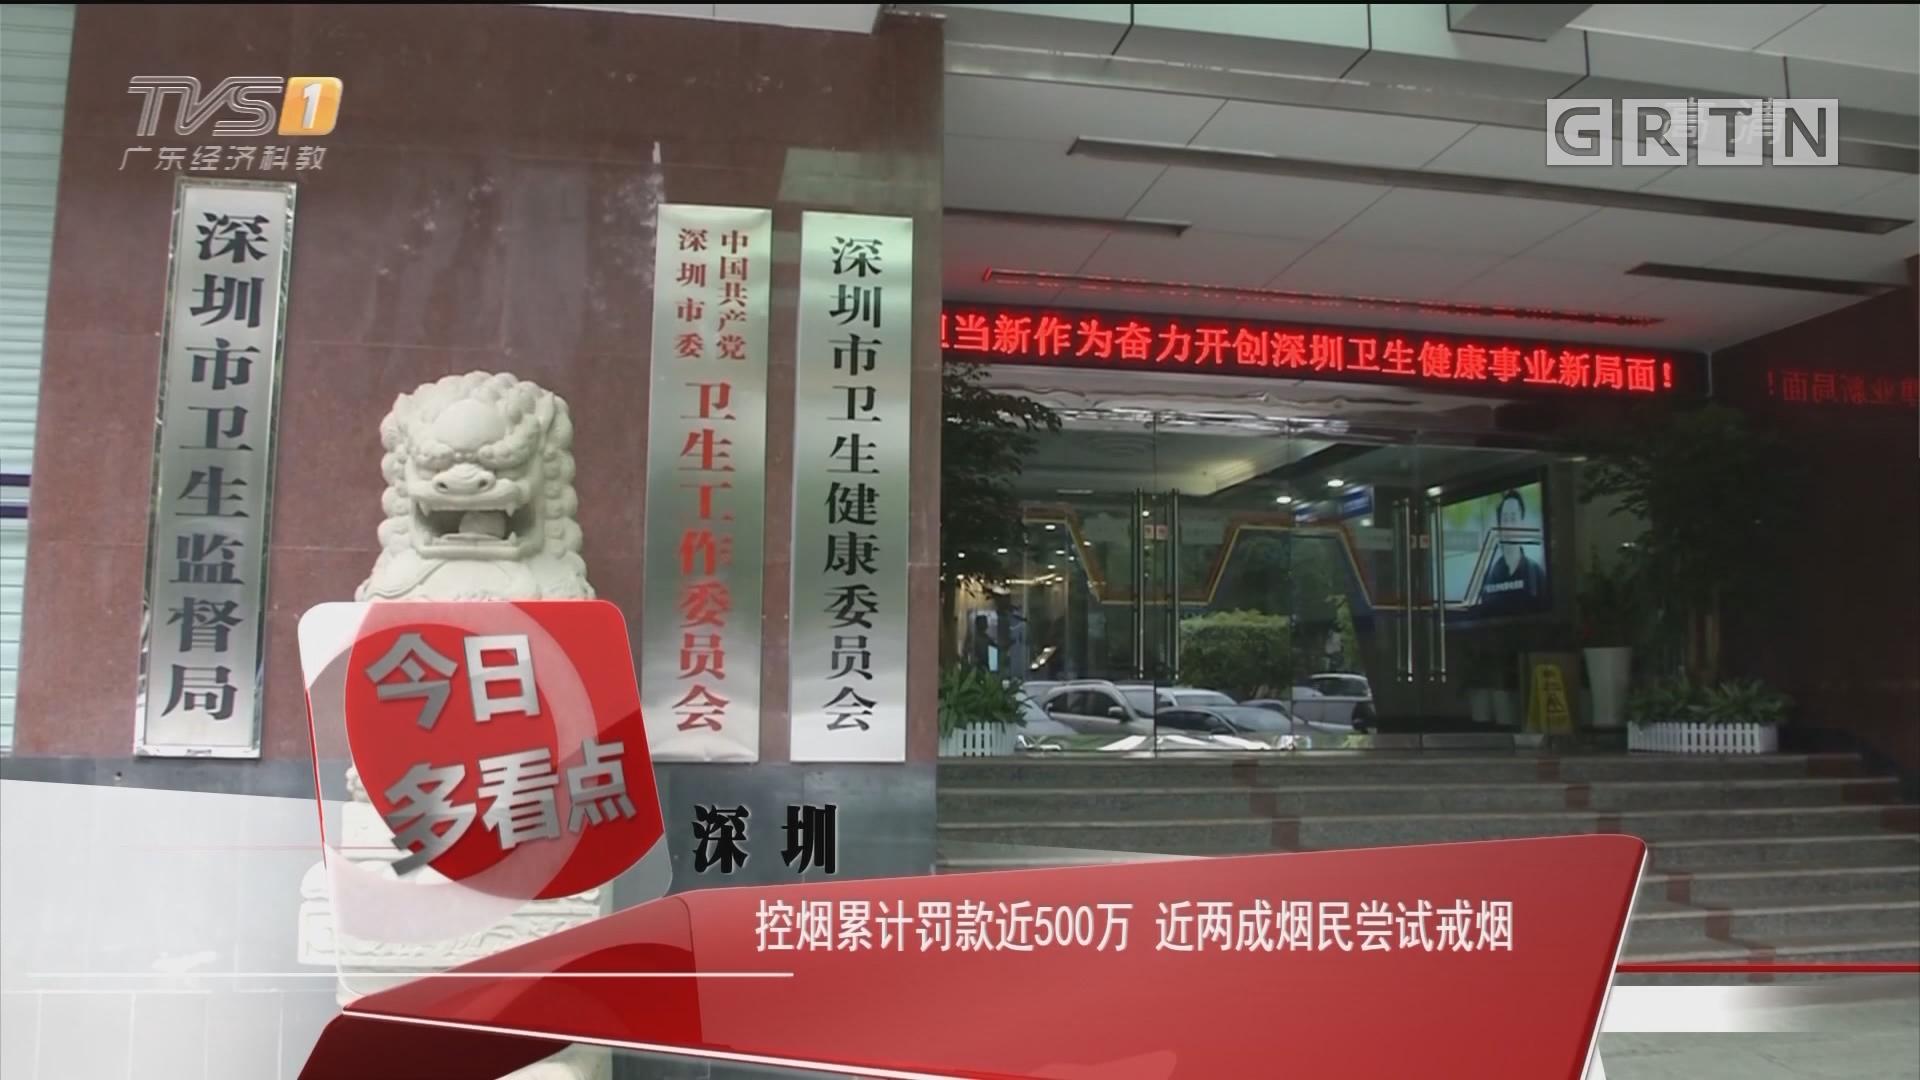 深圳:控烟累计罚款近500万 近两成烟民尝试戒烟